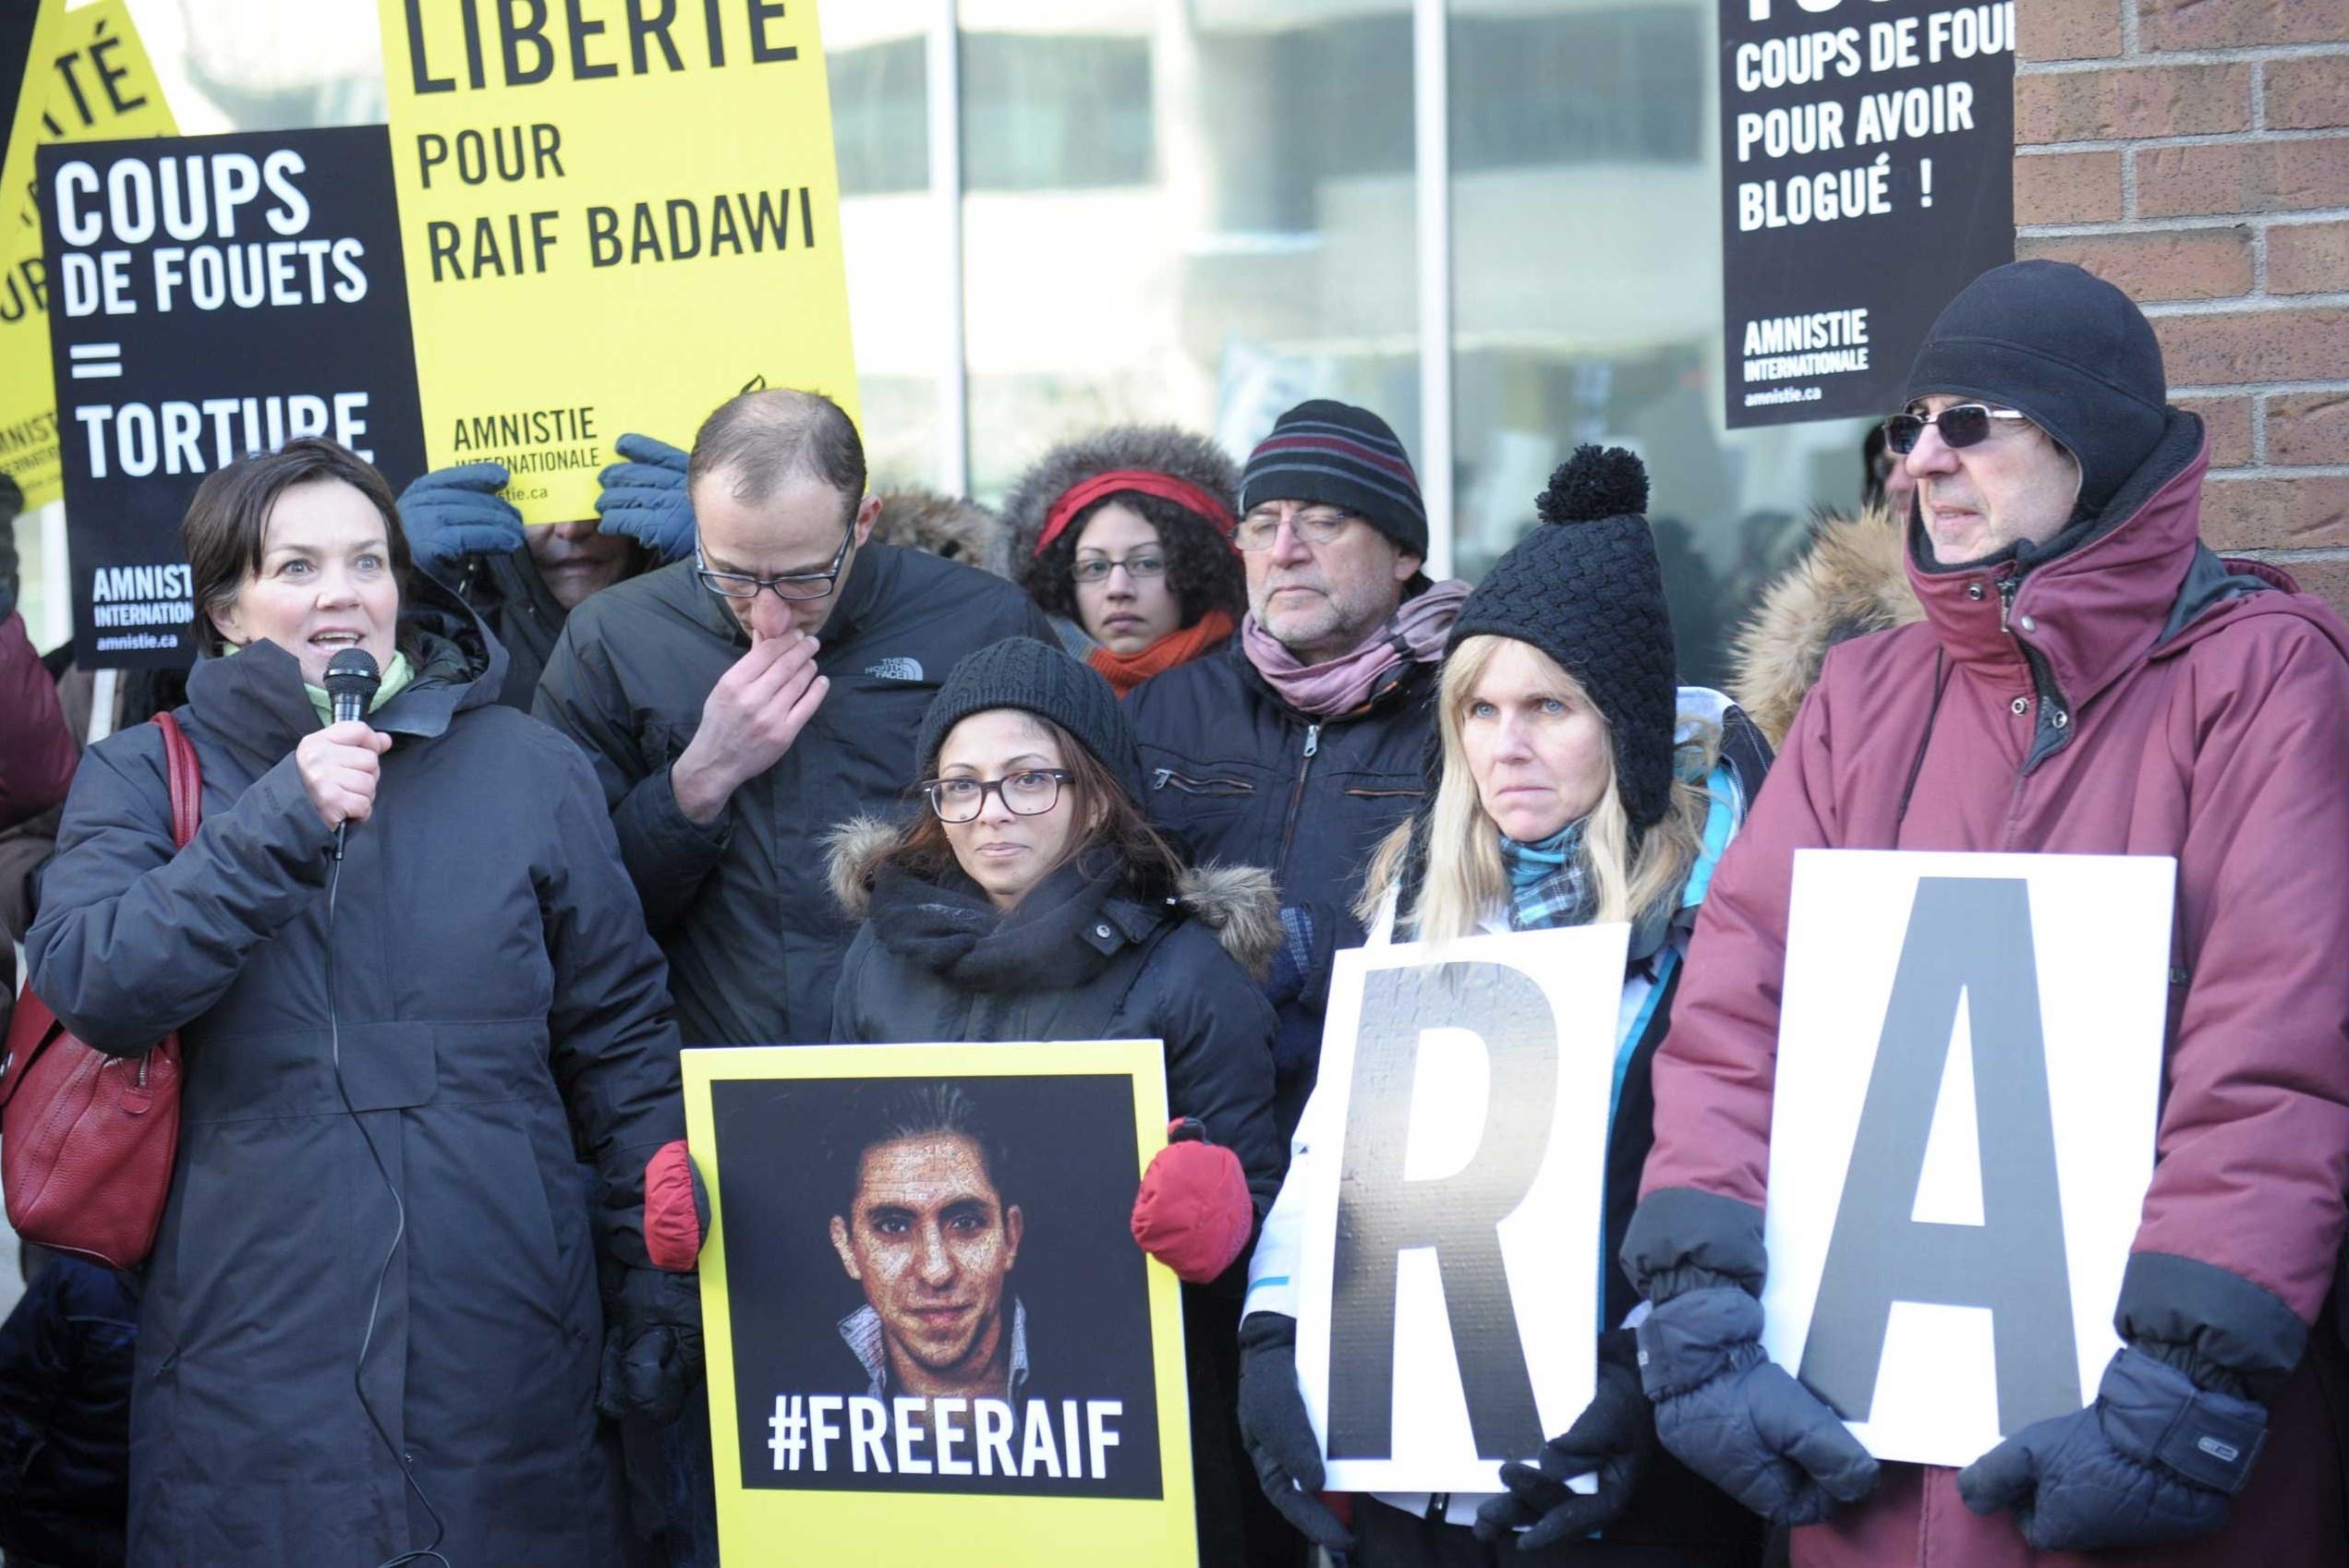 انصاف بدوي زوجة رئف بدوي خلال وقفة احتجاجية من أجل إطلاق سراحه، في كندا عام 2015 (أ ف ب)